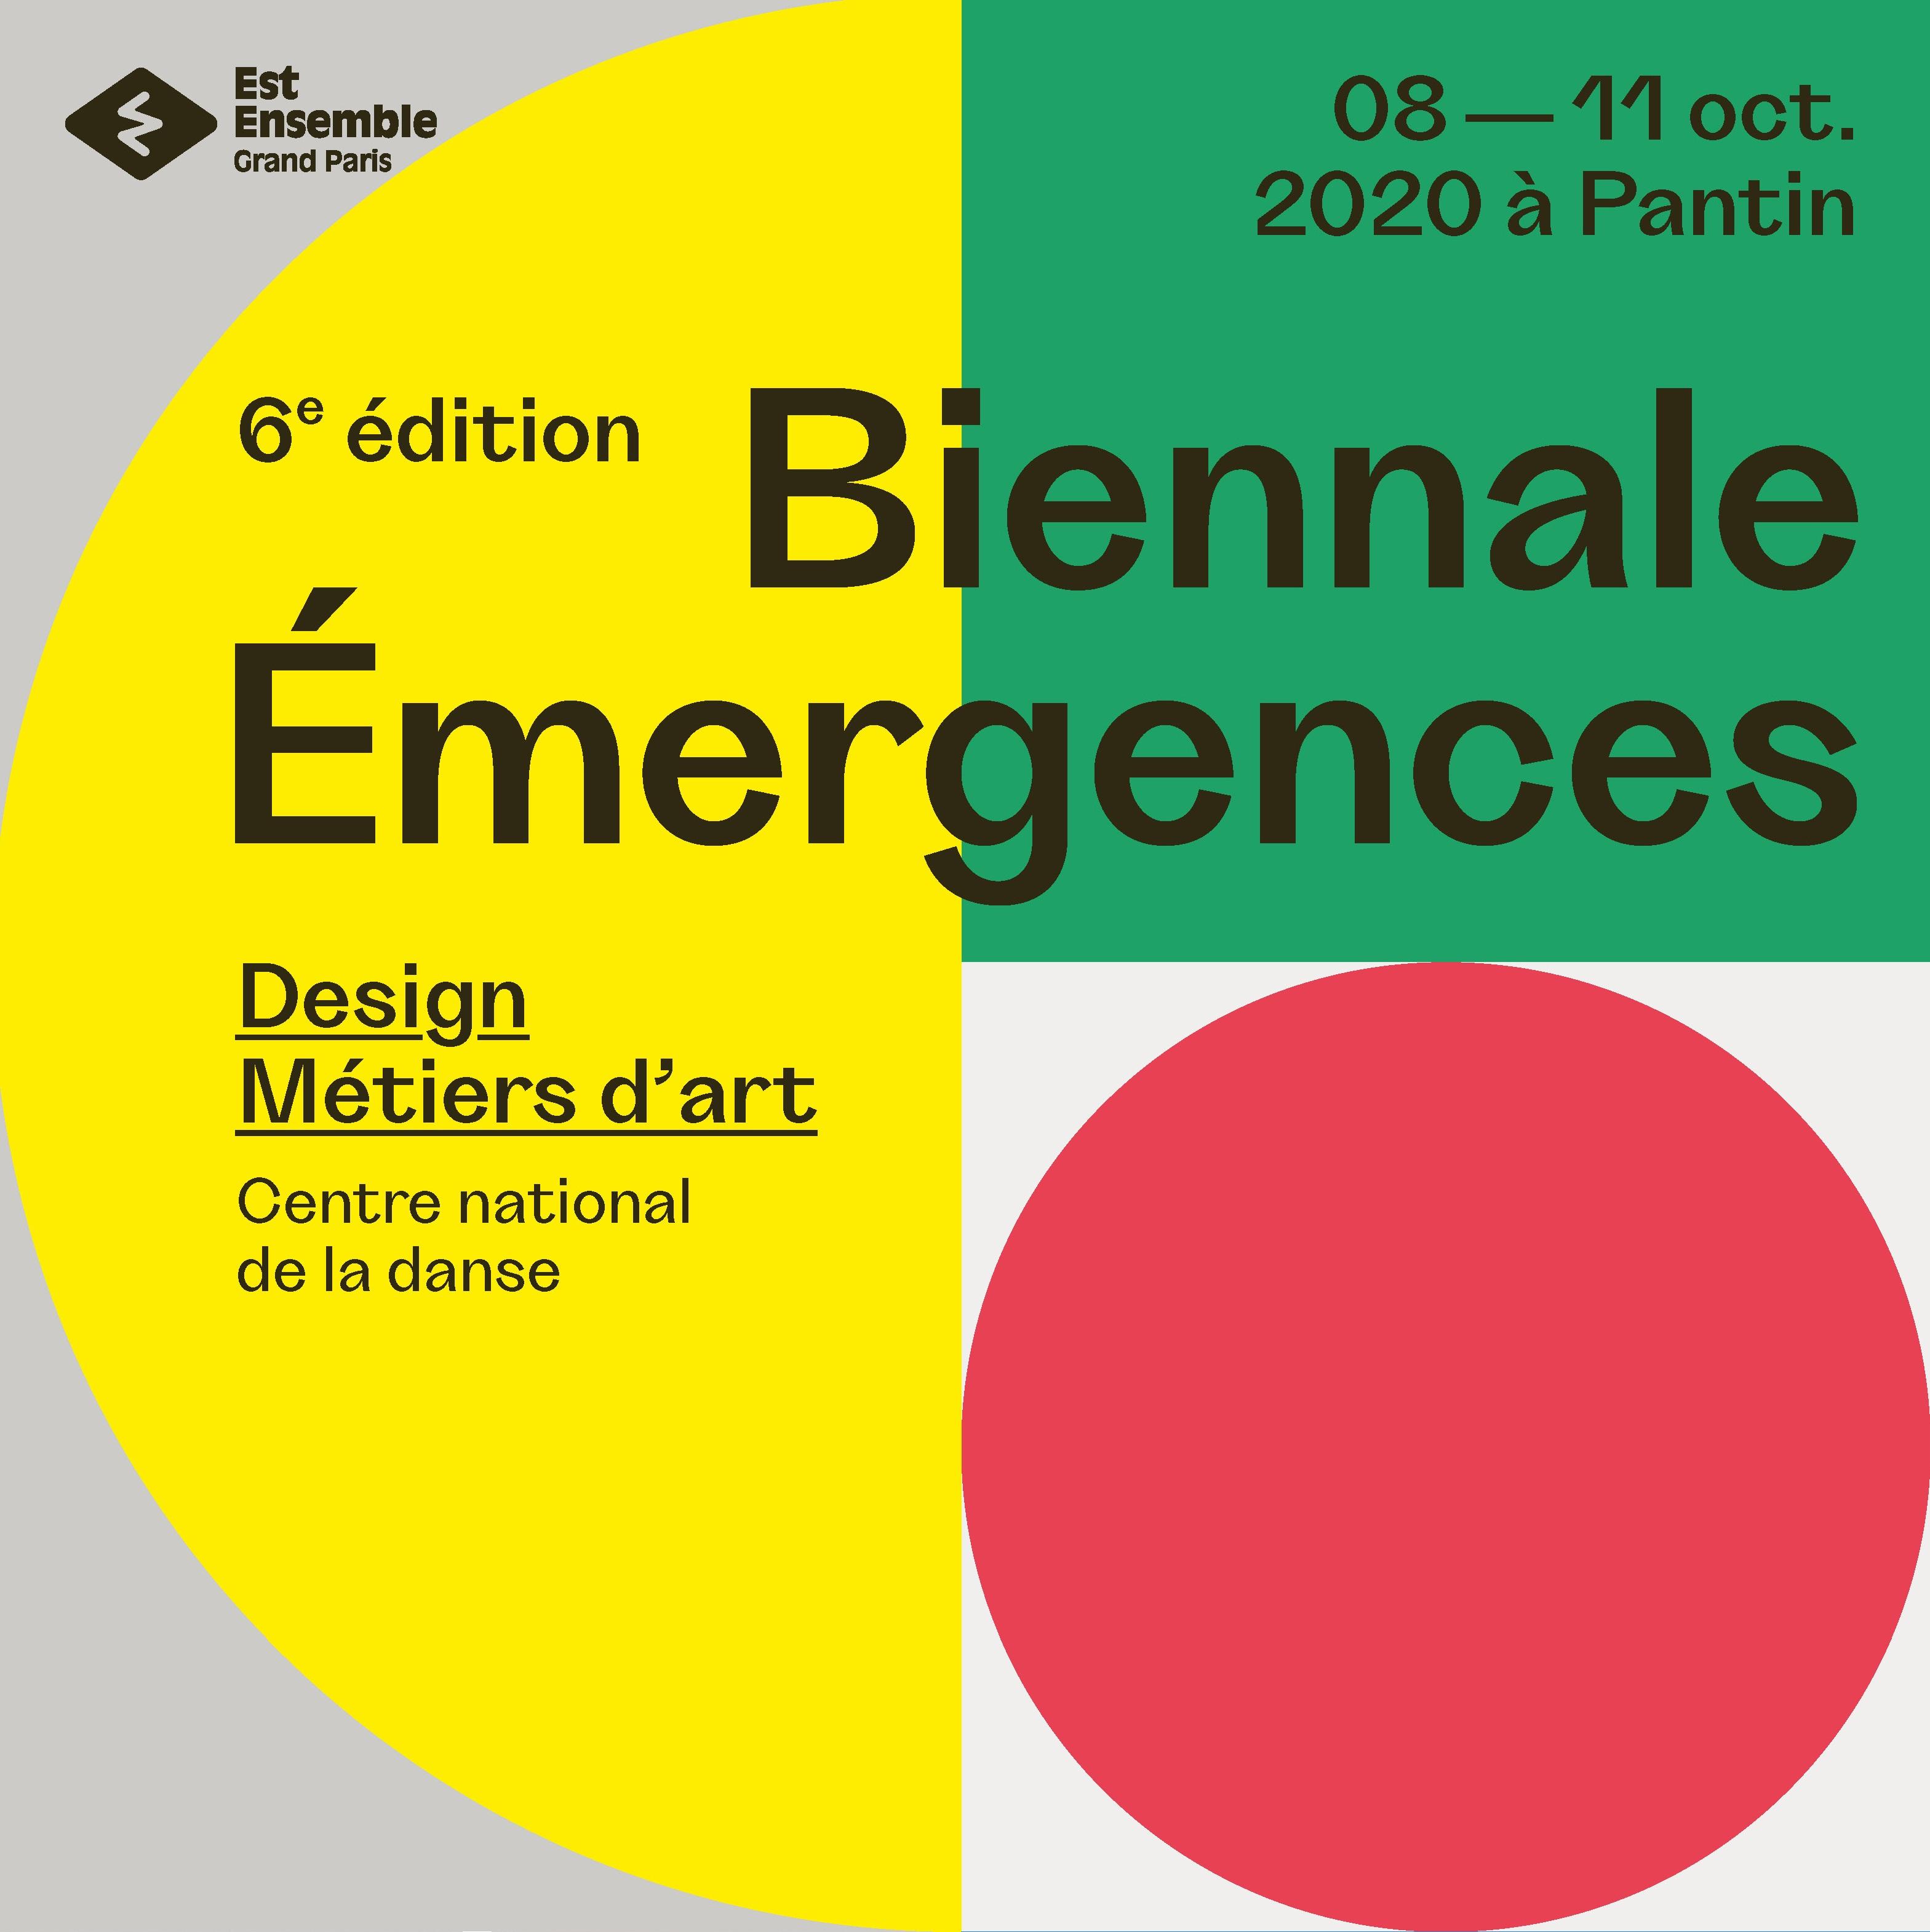 Les ateliers de Paris Biennale